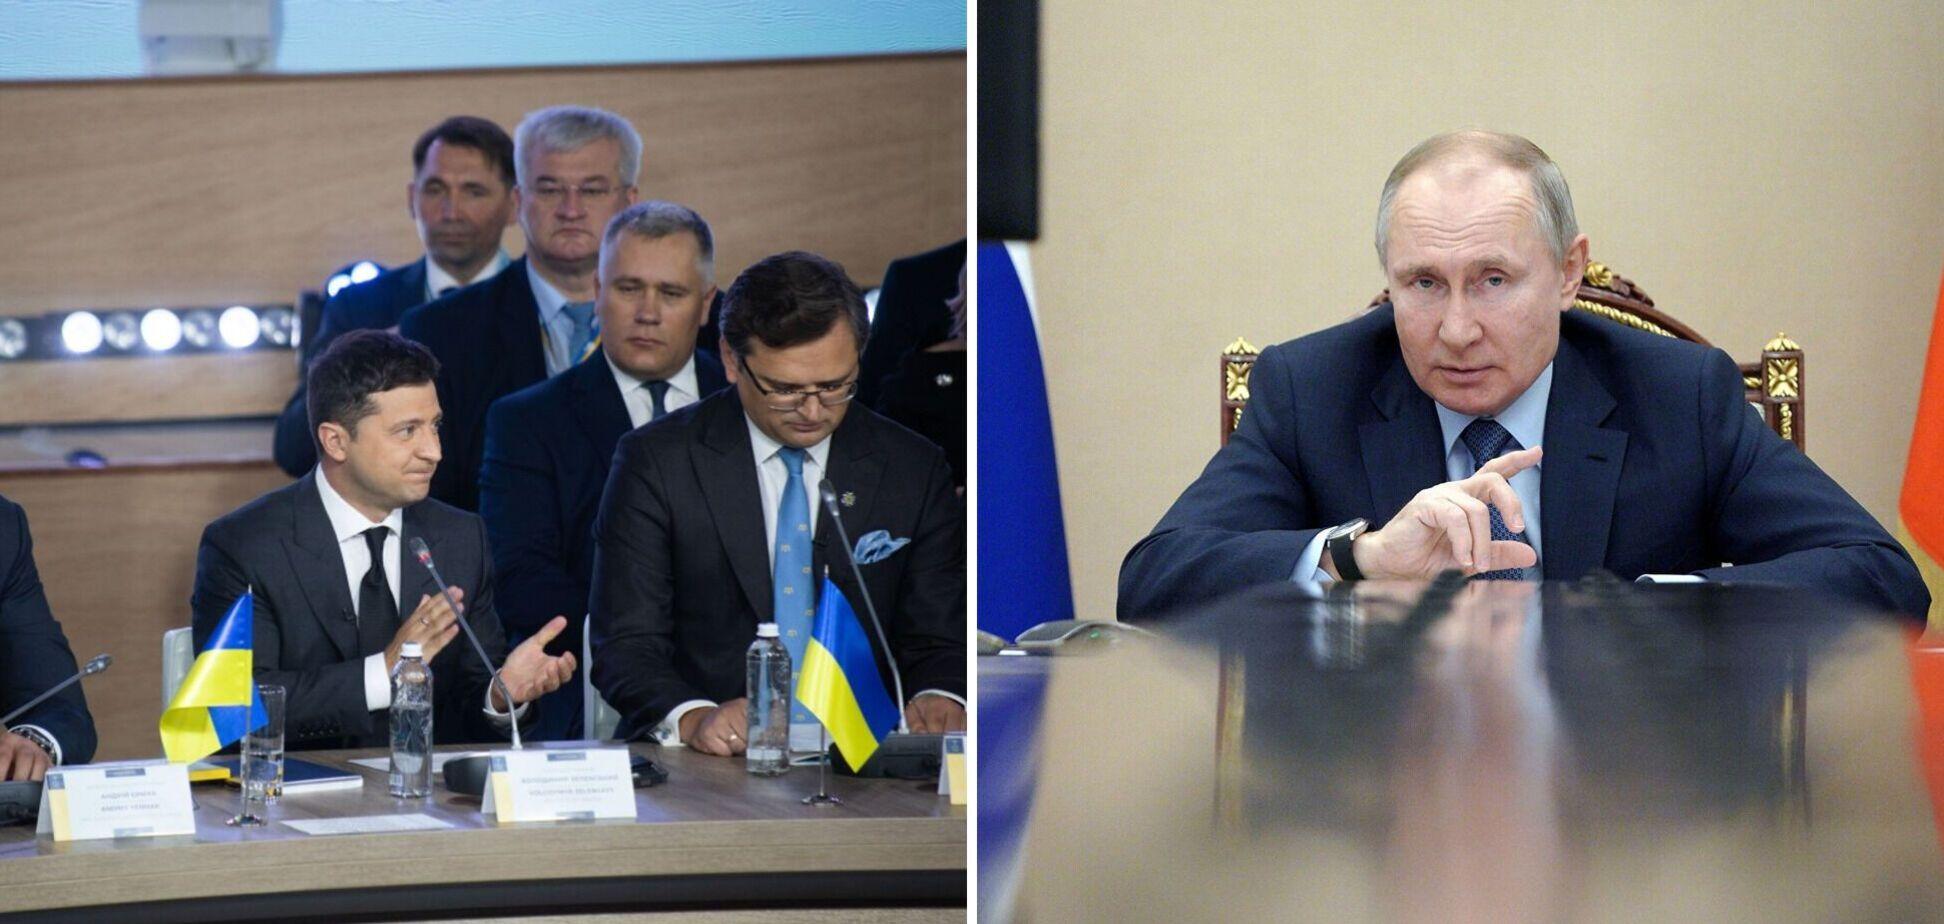 Зеленский пригласил Россию на 'Крымскую платформу': нужно исправить ошибку